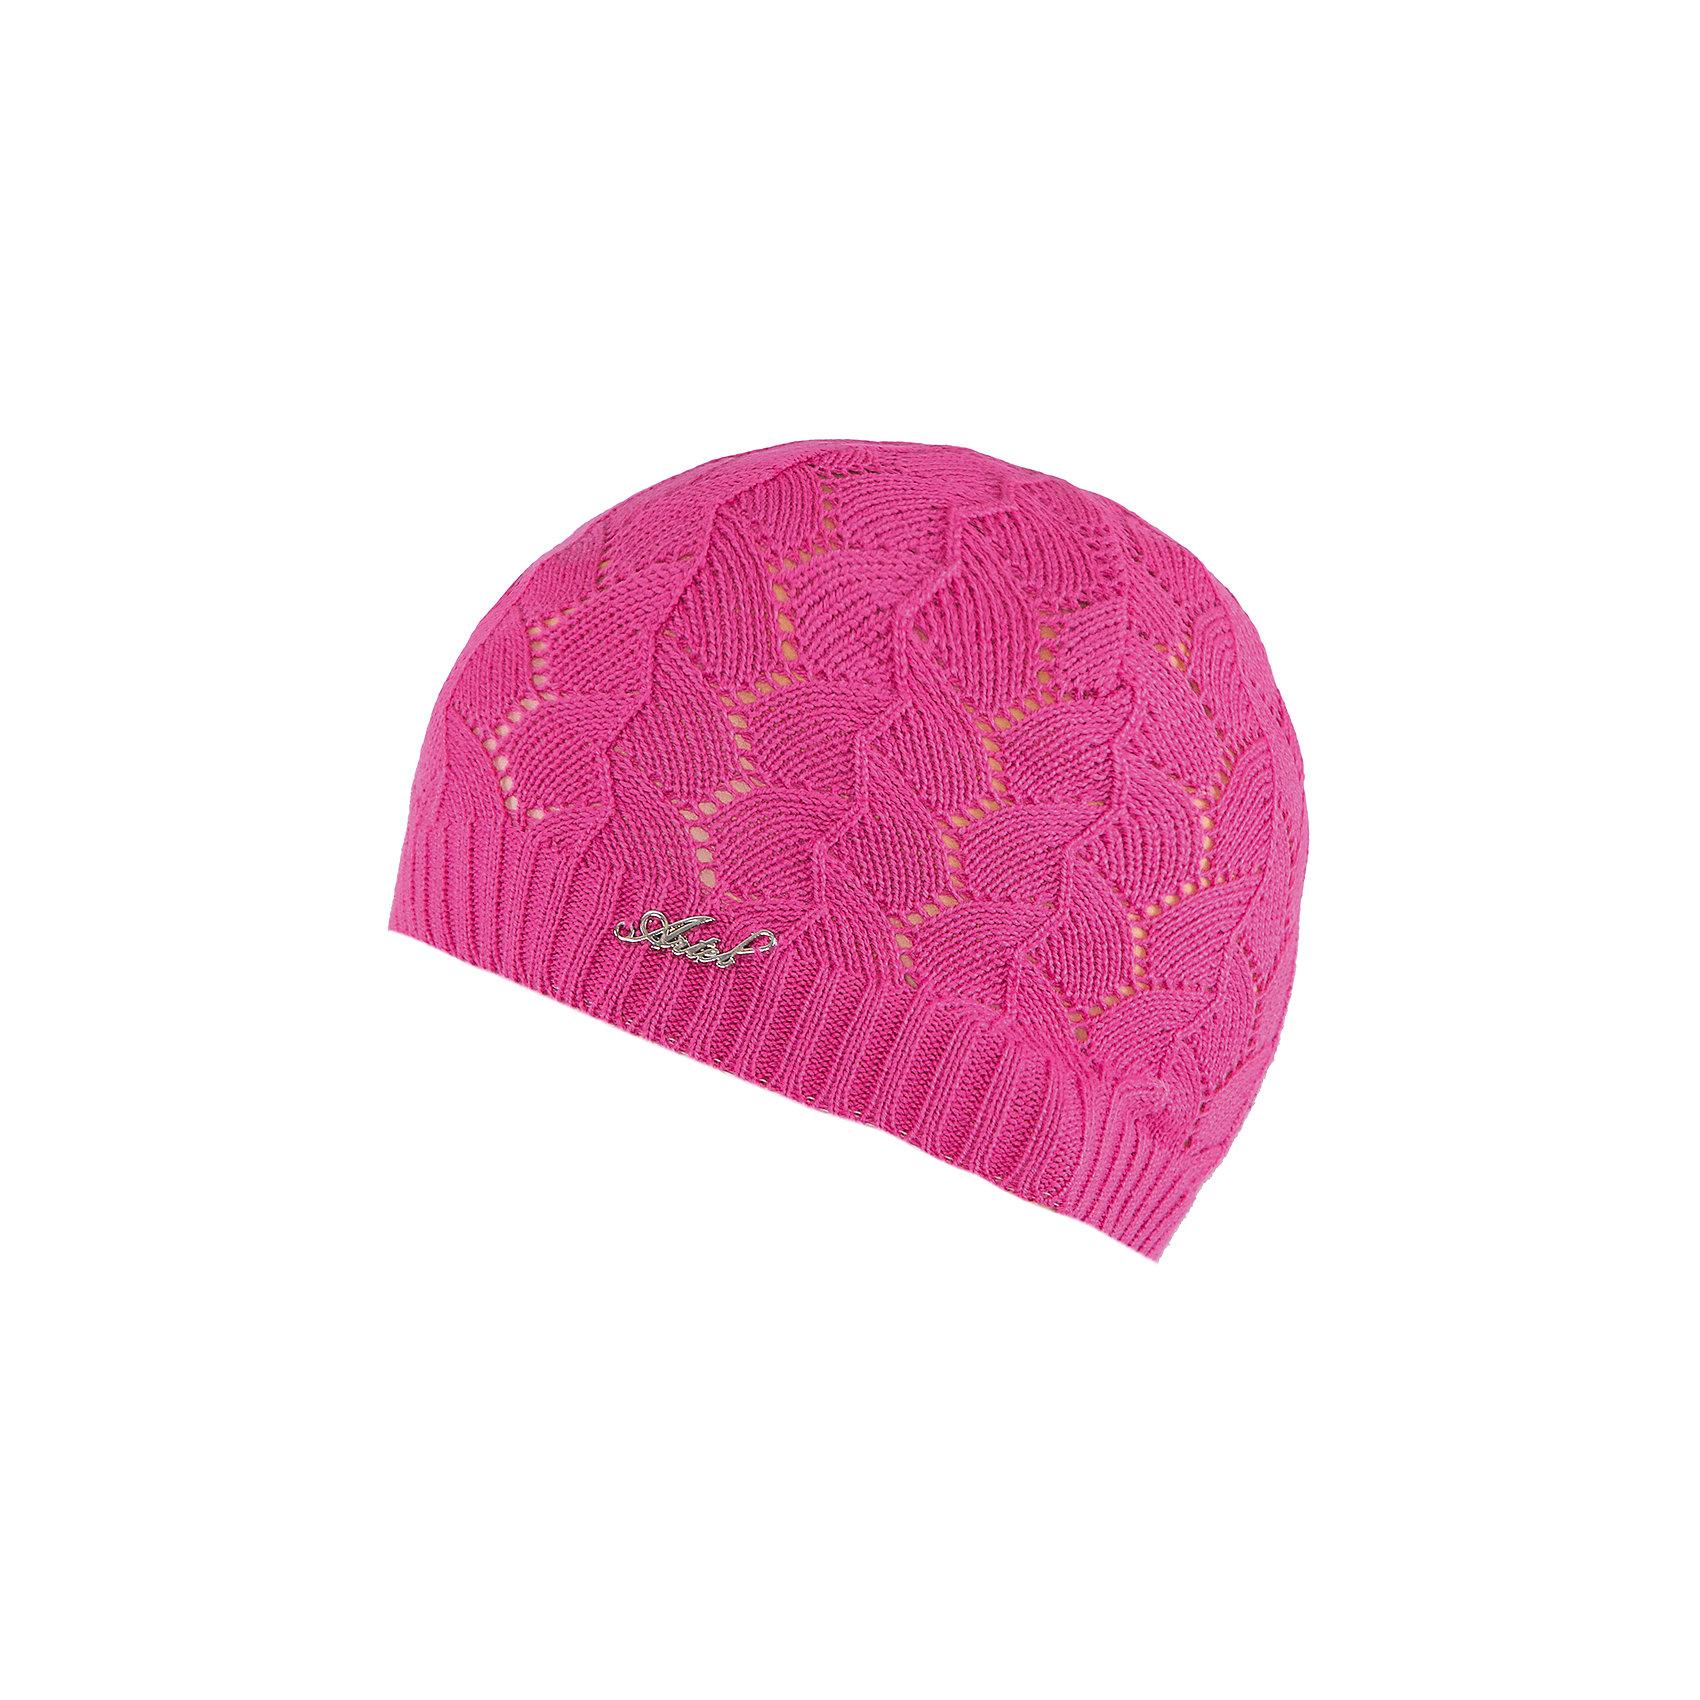 Шапка для девочки АртельШапка для девочки от торговой марки Артель <br><br>Нежная ажурная шапка отлично смотрится на детях и комфортно сидит. Эта модель создана специально для девочек. Изделие выполнено из качественных материалов.<br>Одежда от бренда Артель – это высокое качество по приемлемой цене и всегда продуманный дизайн. <br><br>Особенности модели: <br>- цвет — розовый; <br>- украшена блестящим логотипом; <br>- натуральный хлопок с добавкой пана. <br><br>Дополнительная информация: <br><br>Состав: 50% хлопок, 50% пан.<br><br>Шапку для девочки Артель (Artel) можно купить в нашем магазине.<br><br>Ширина мм: 89<br>Глубина мм: 117<br>Высота мм: 44<br>Вес г: 155<br>Цвет: розовый<br>Возраст от месяцев: 72<br>Возраст до месяцев: 84<br>Пол: Женский<br>Возраст: Детский<br>Размер: 54,56,52,50<br>SKU: 4500583